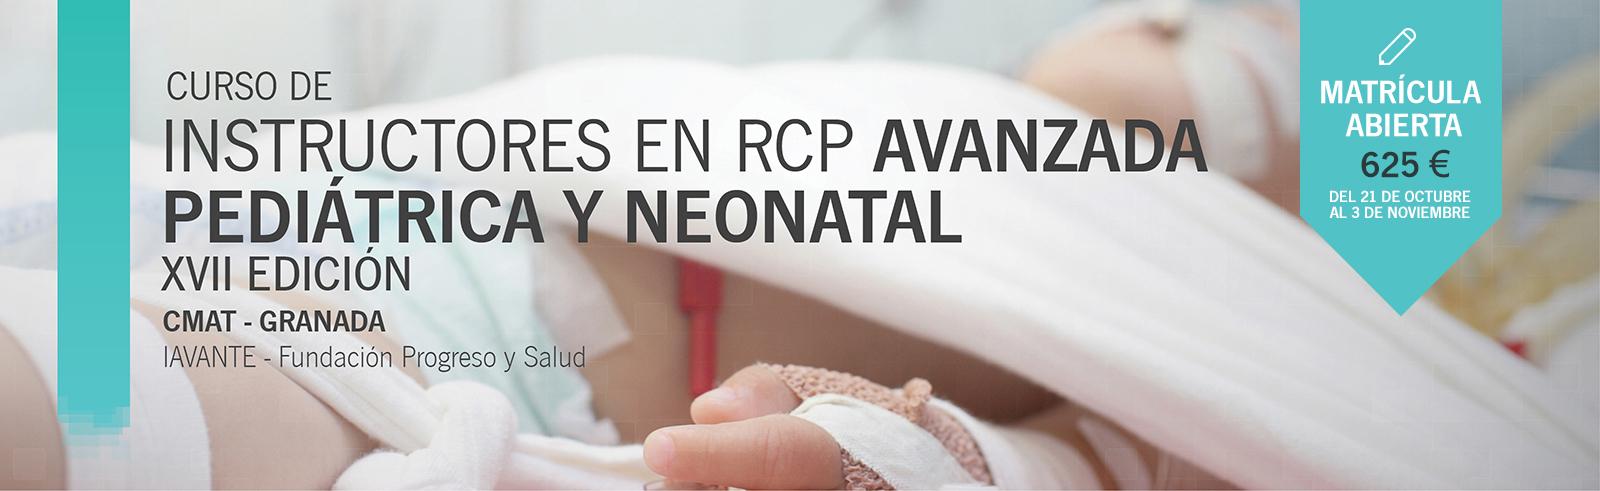 curso instructores rcp pediátrica y neonatal